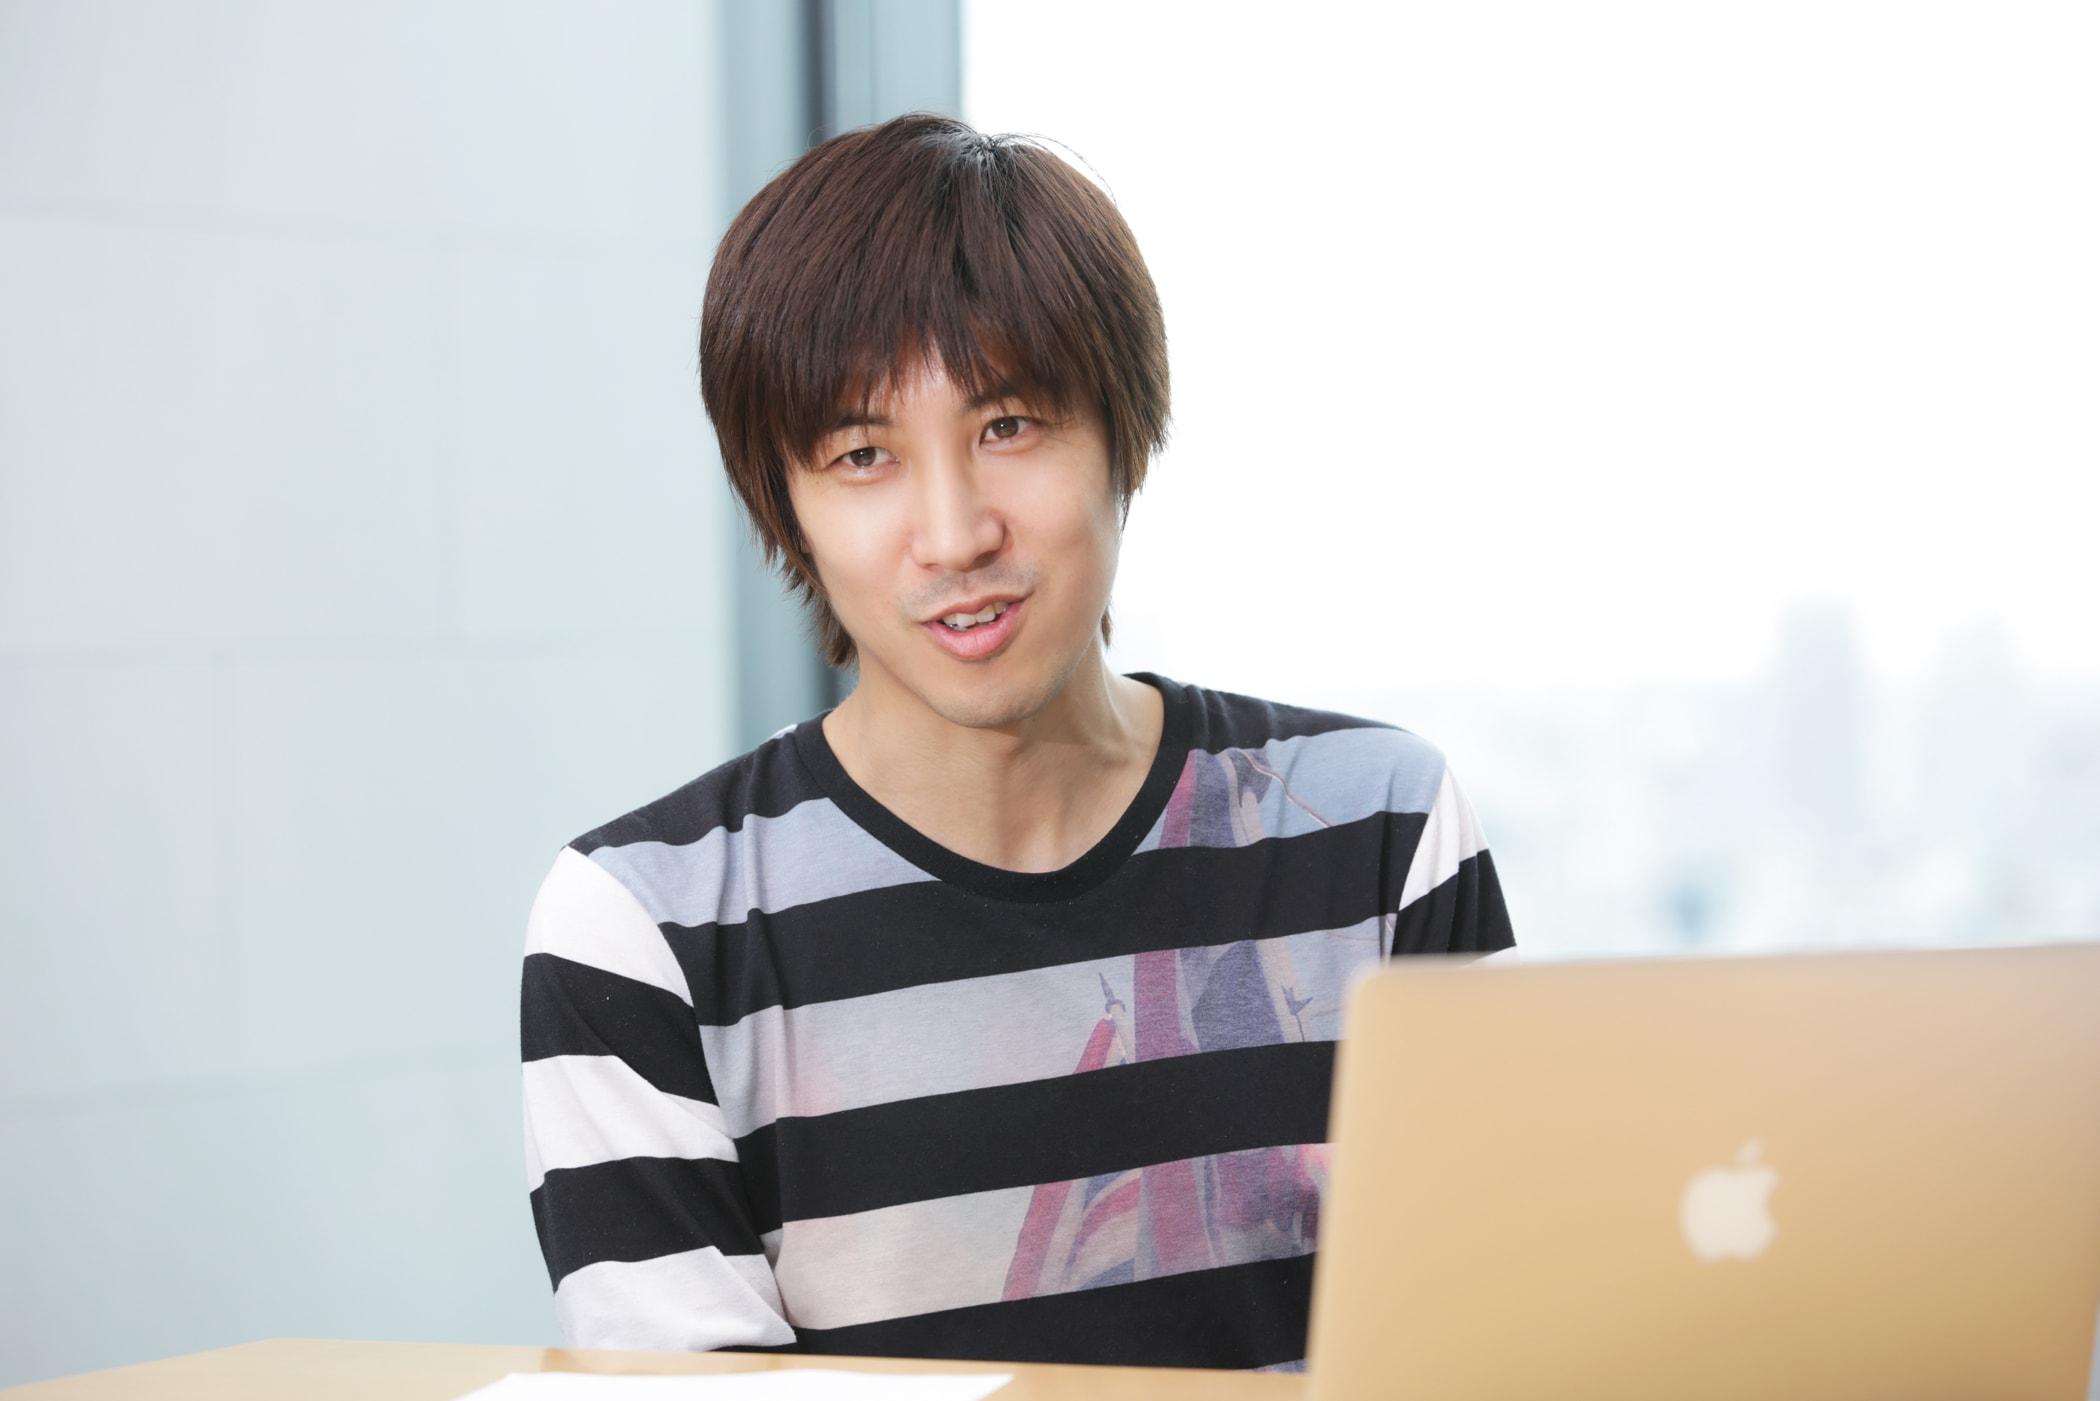 LINE ポータルカンパニー 第2メディア局 LDニュースチーム マネージャー / リーダー 森和文氏